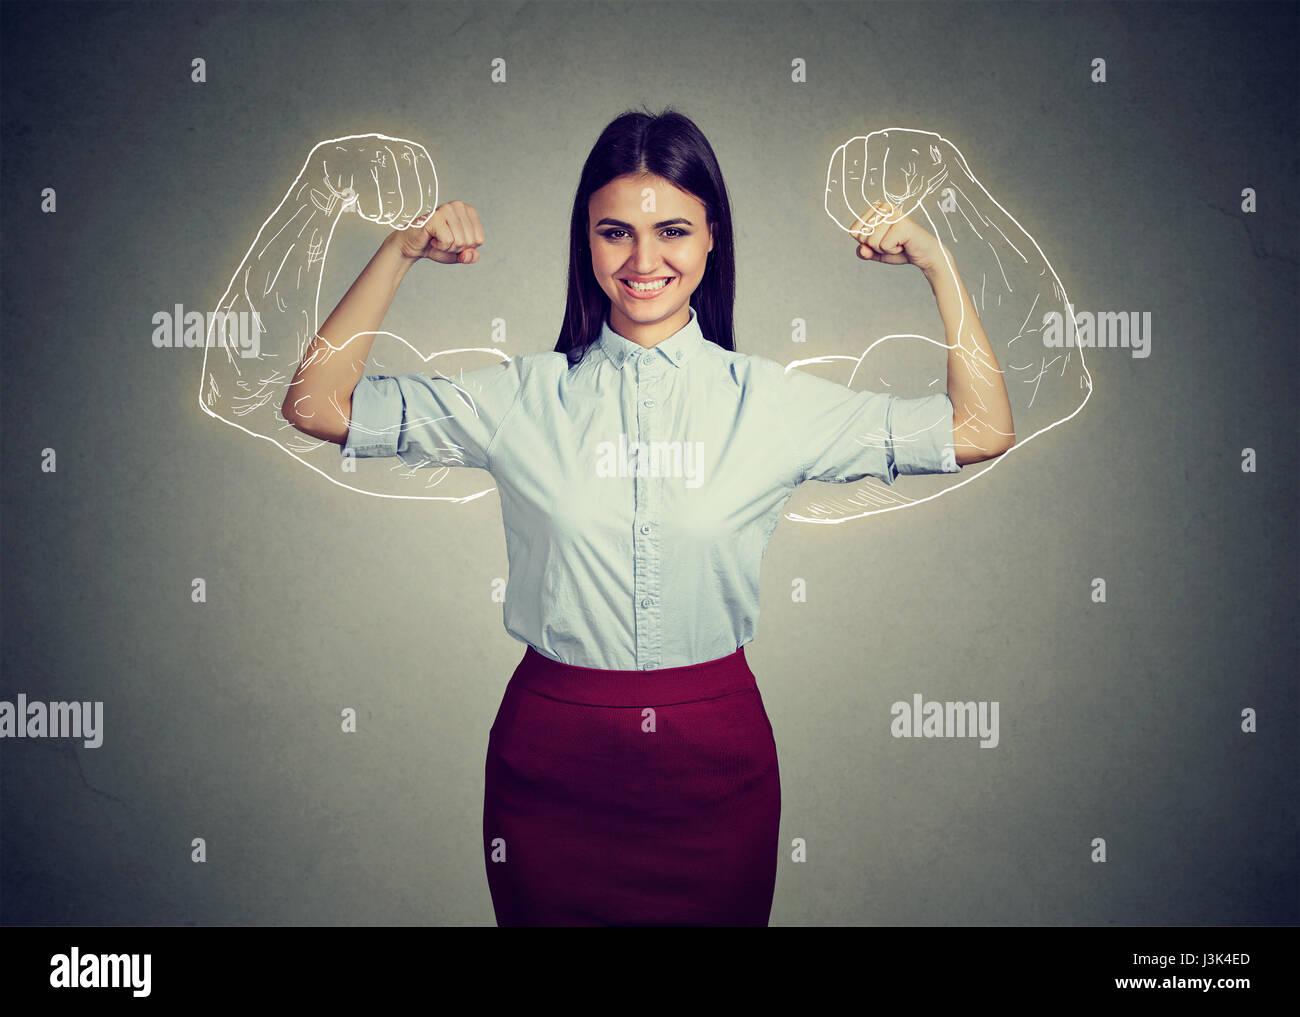 Potente fiducioso donna flettendo i suoi muscoli isolato sul muro grigio Sfondo. Volto umano espressioni, emozioni Immagini Stock